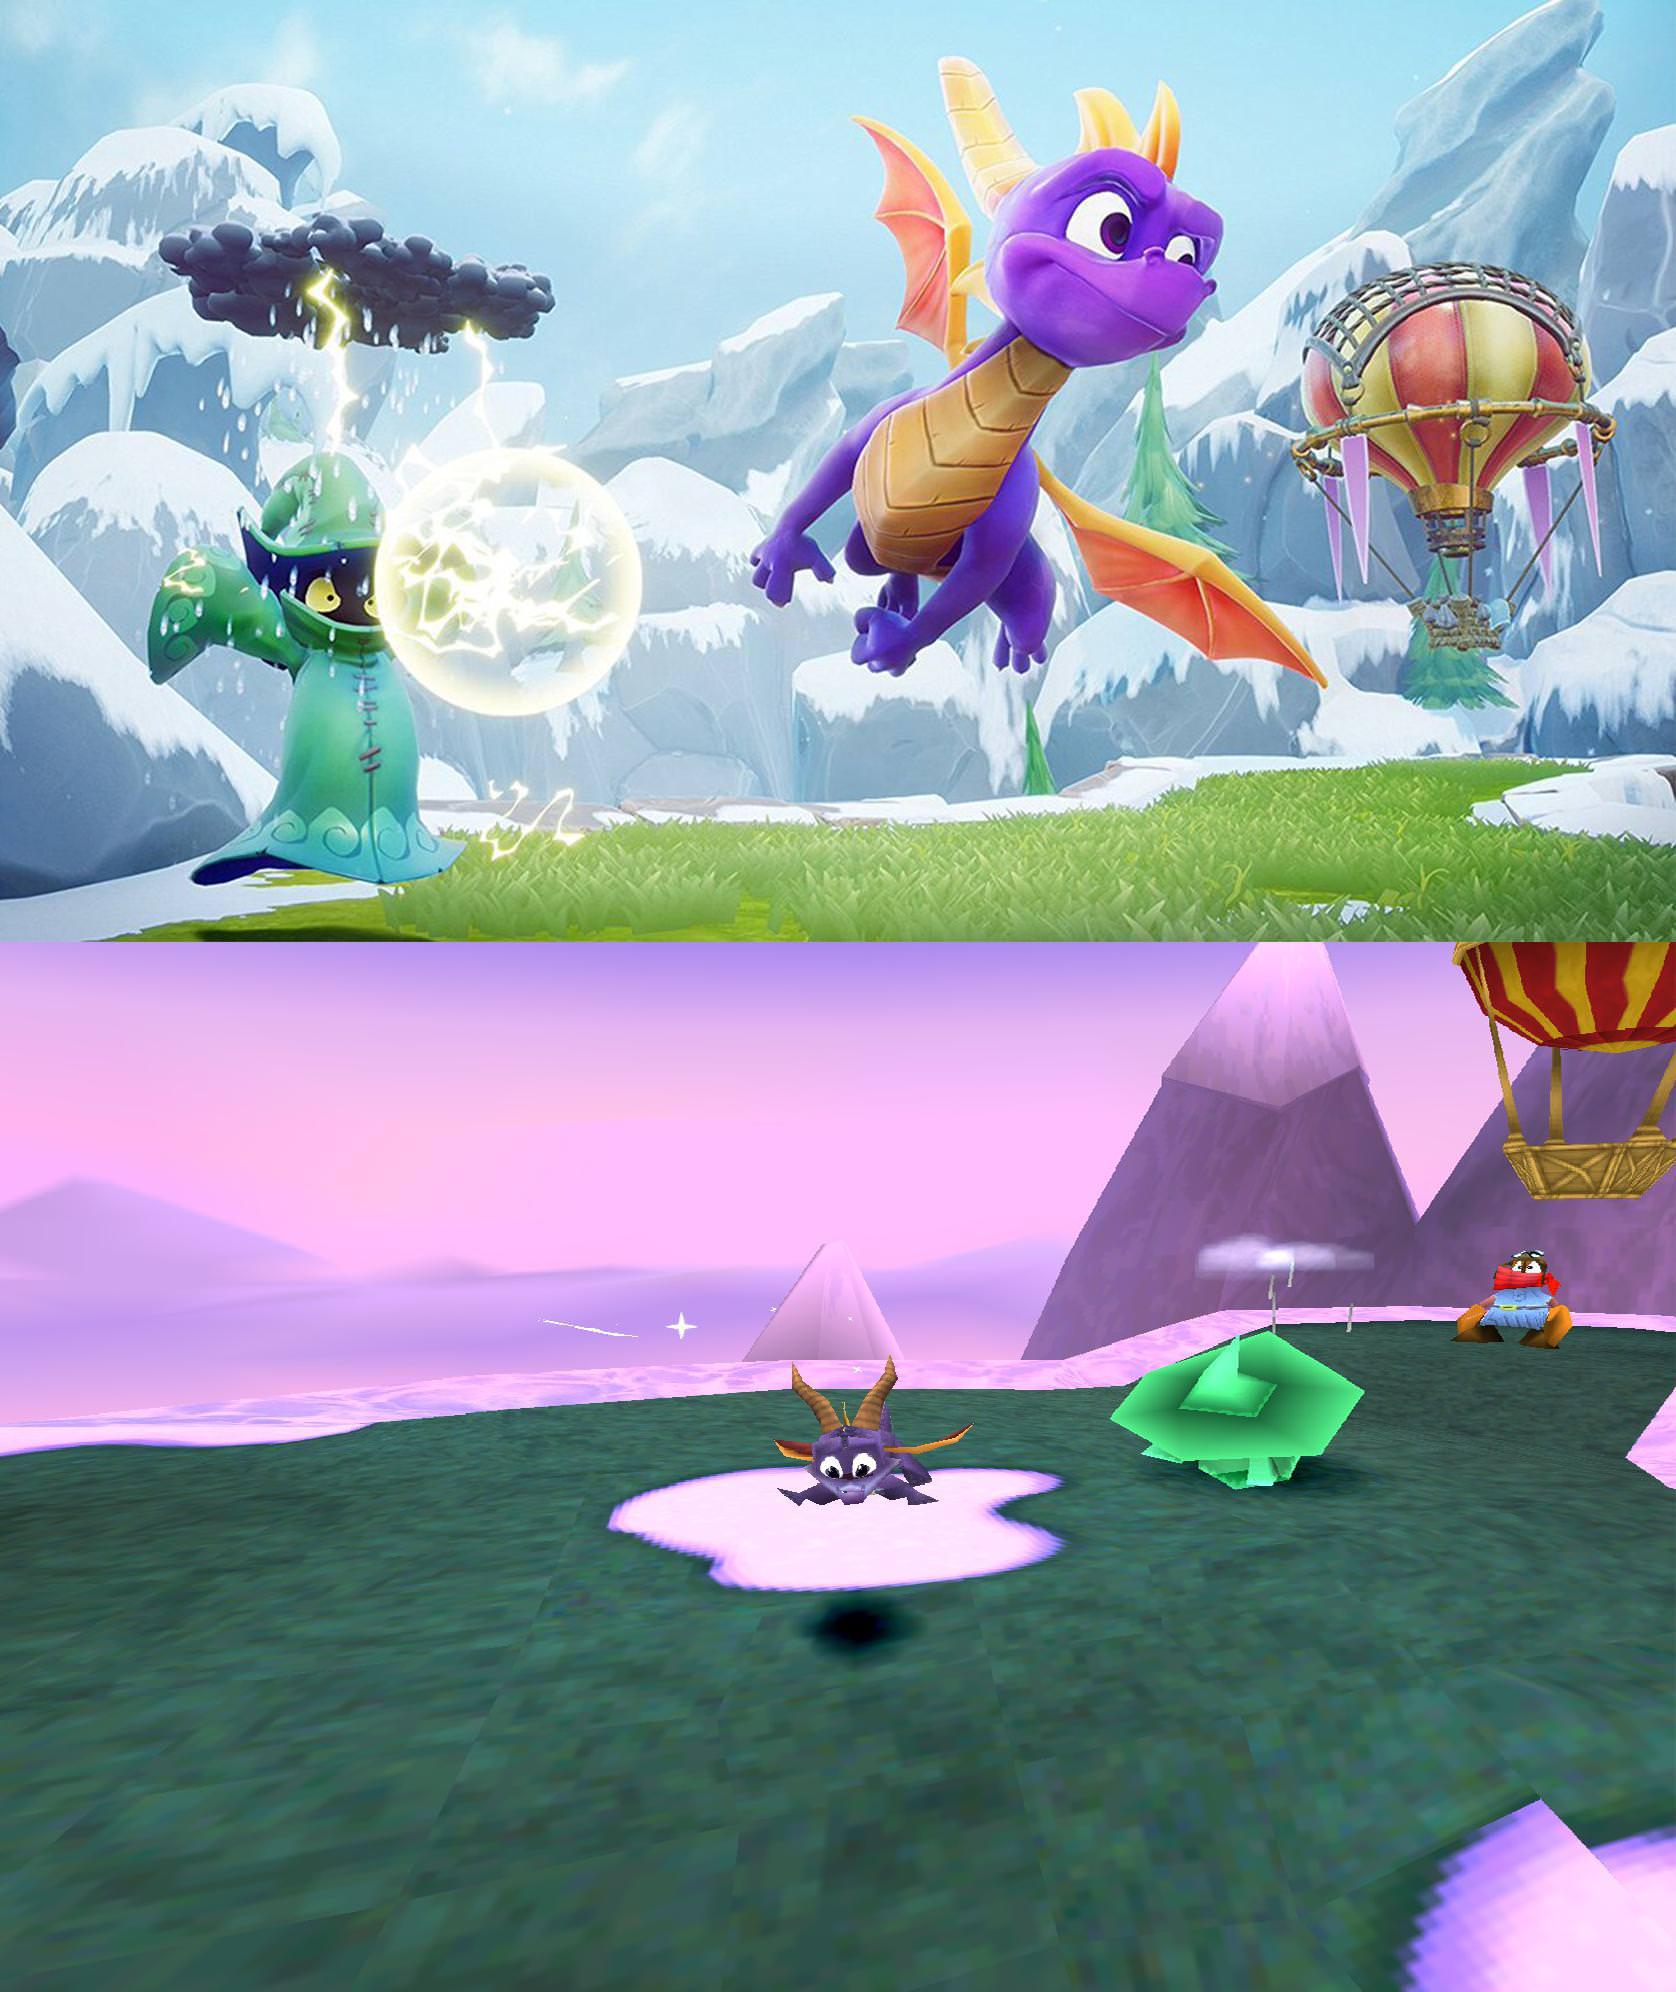 vfkykYf - Klasyczna trylogia Spyro the Dragon z czasów PSX powraca!